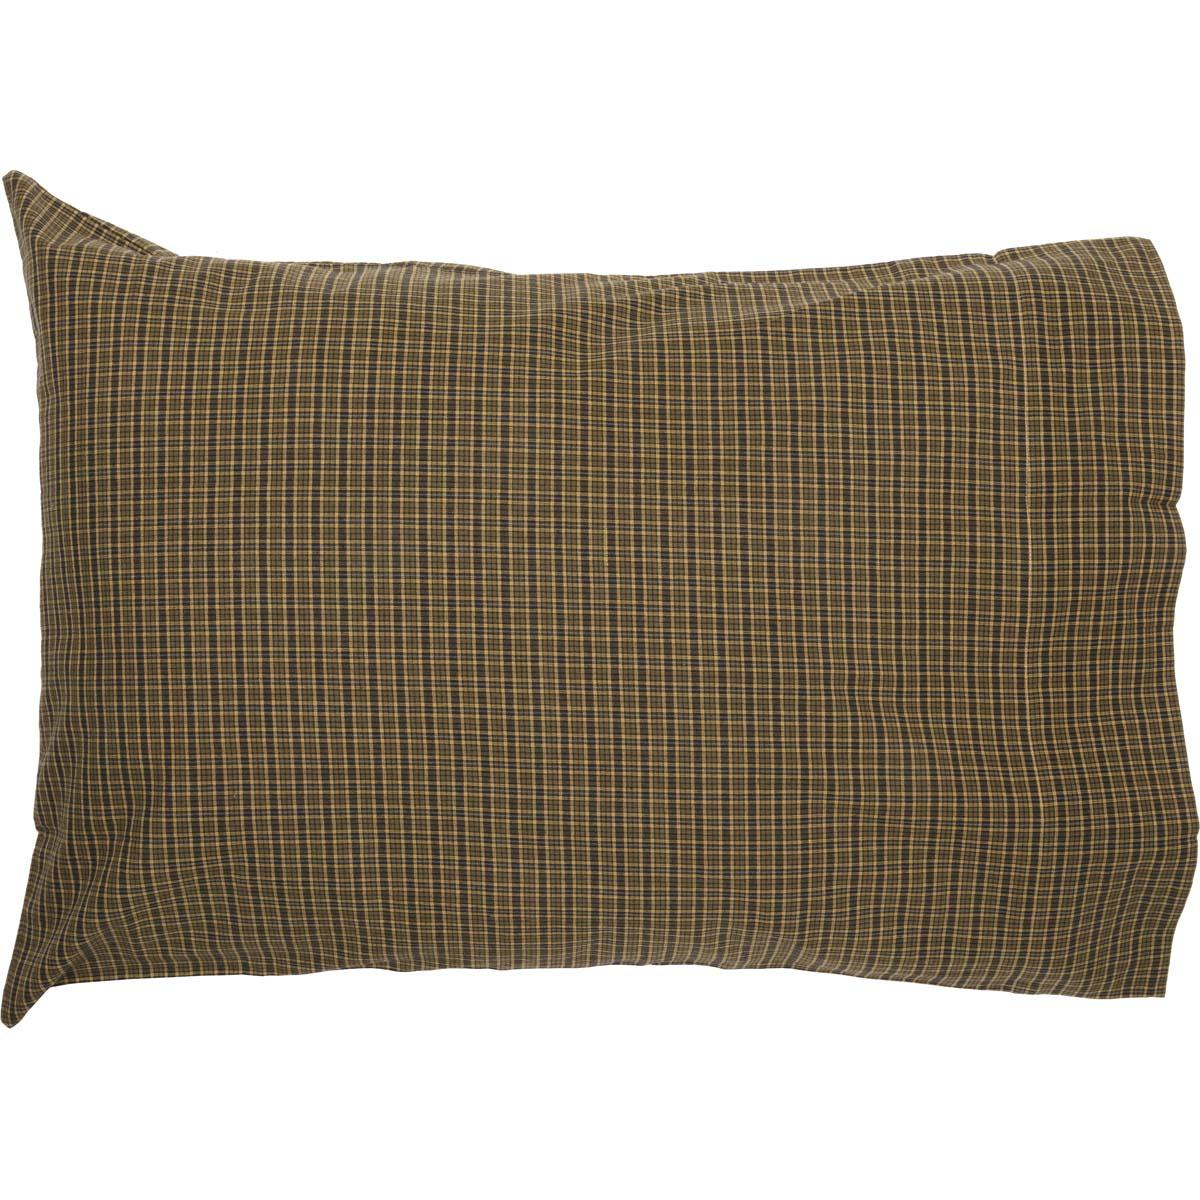 Tea Cabin Pillow Case Set of 2 Pillowcases King Standard Moss Green Plaid Cotton